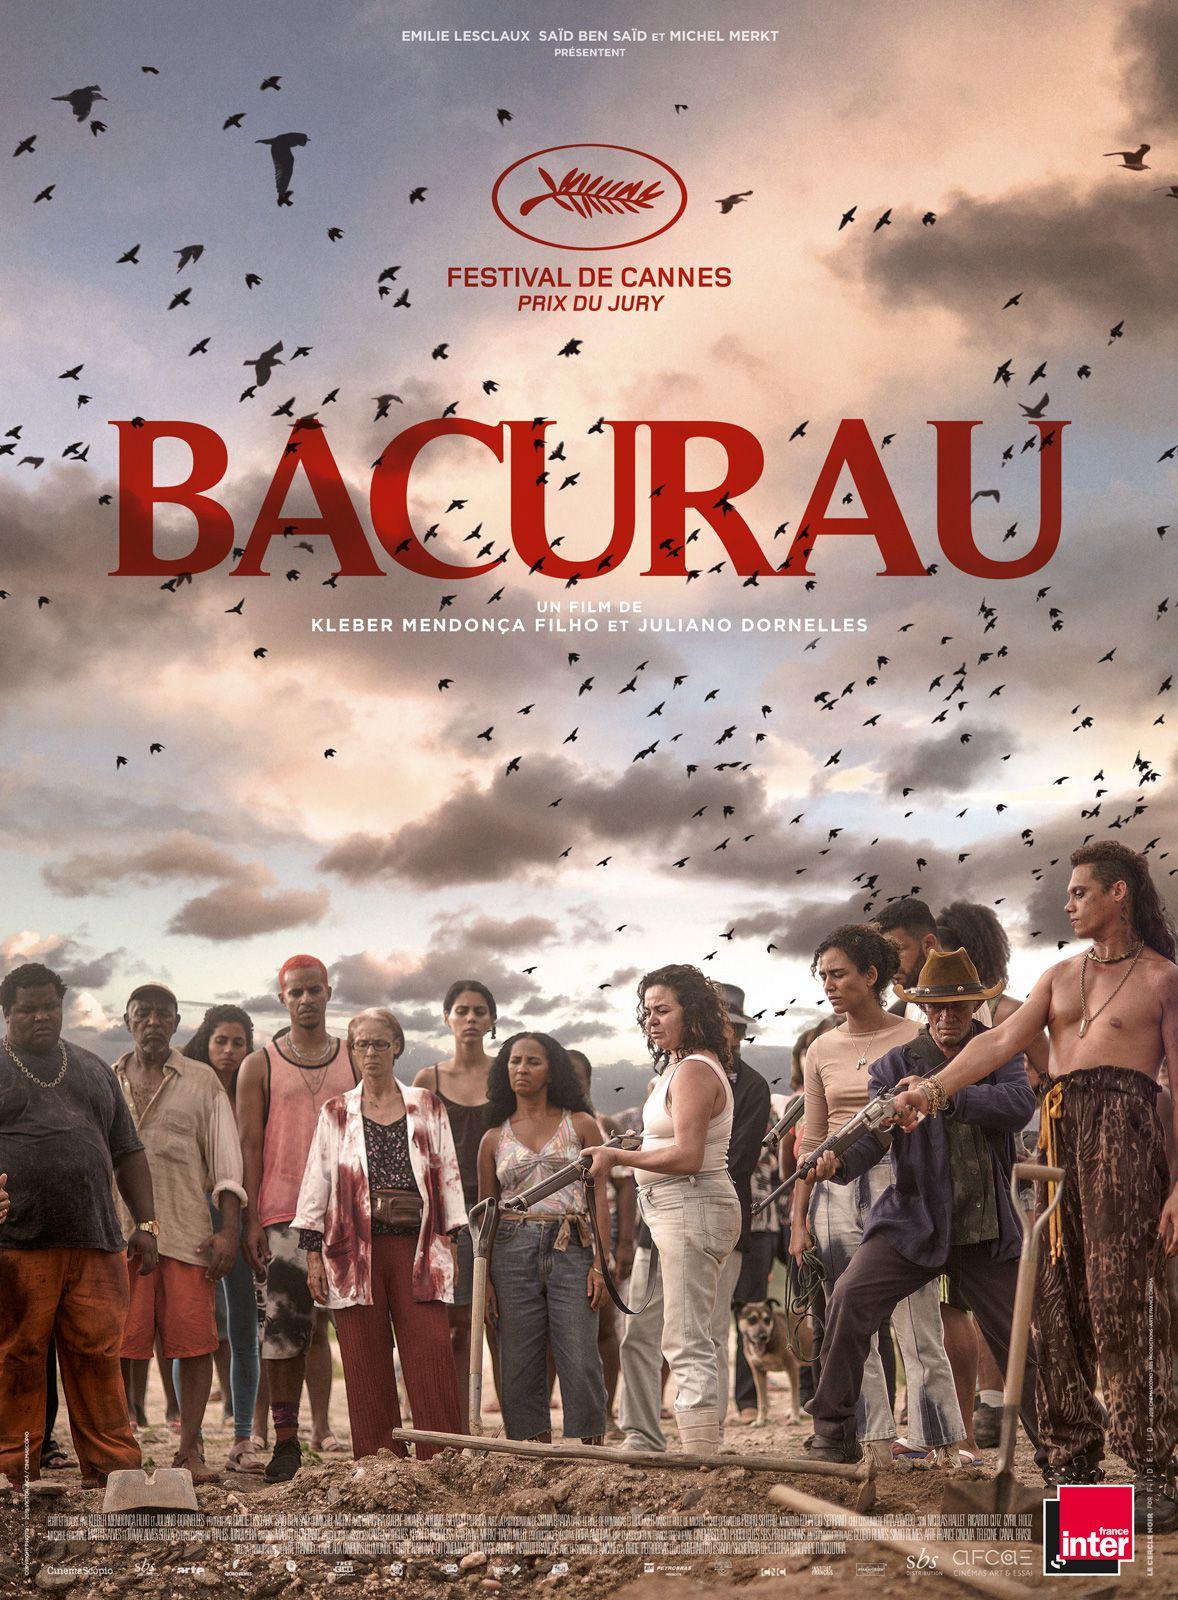 Bacurau - Film (2019)